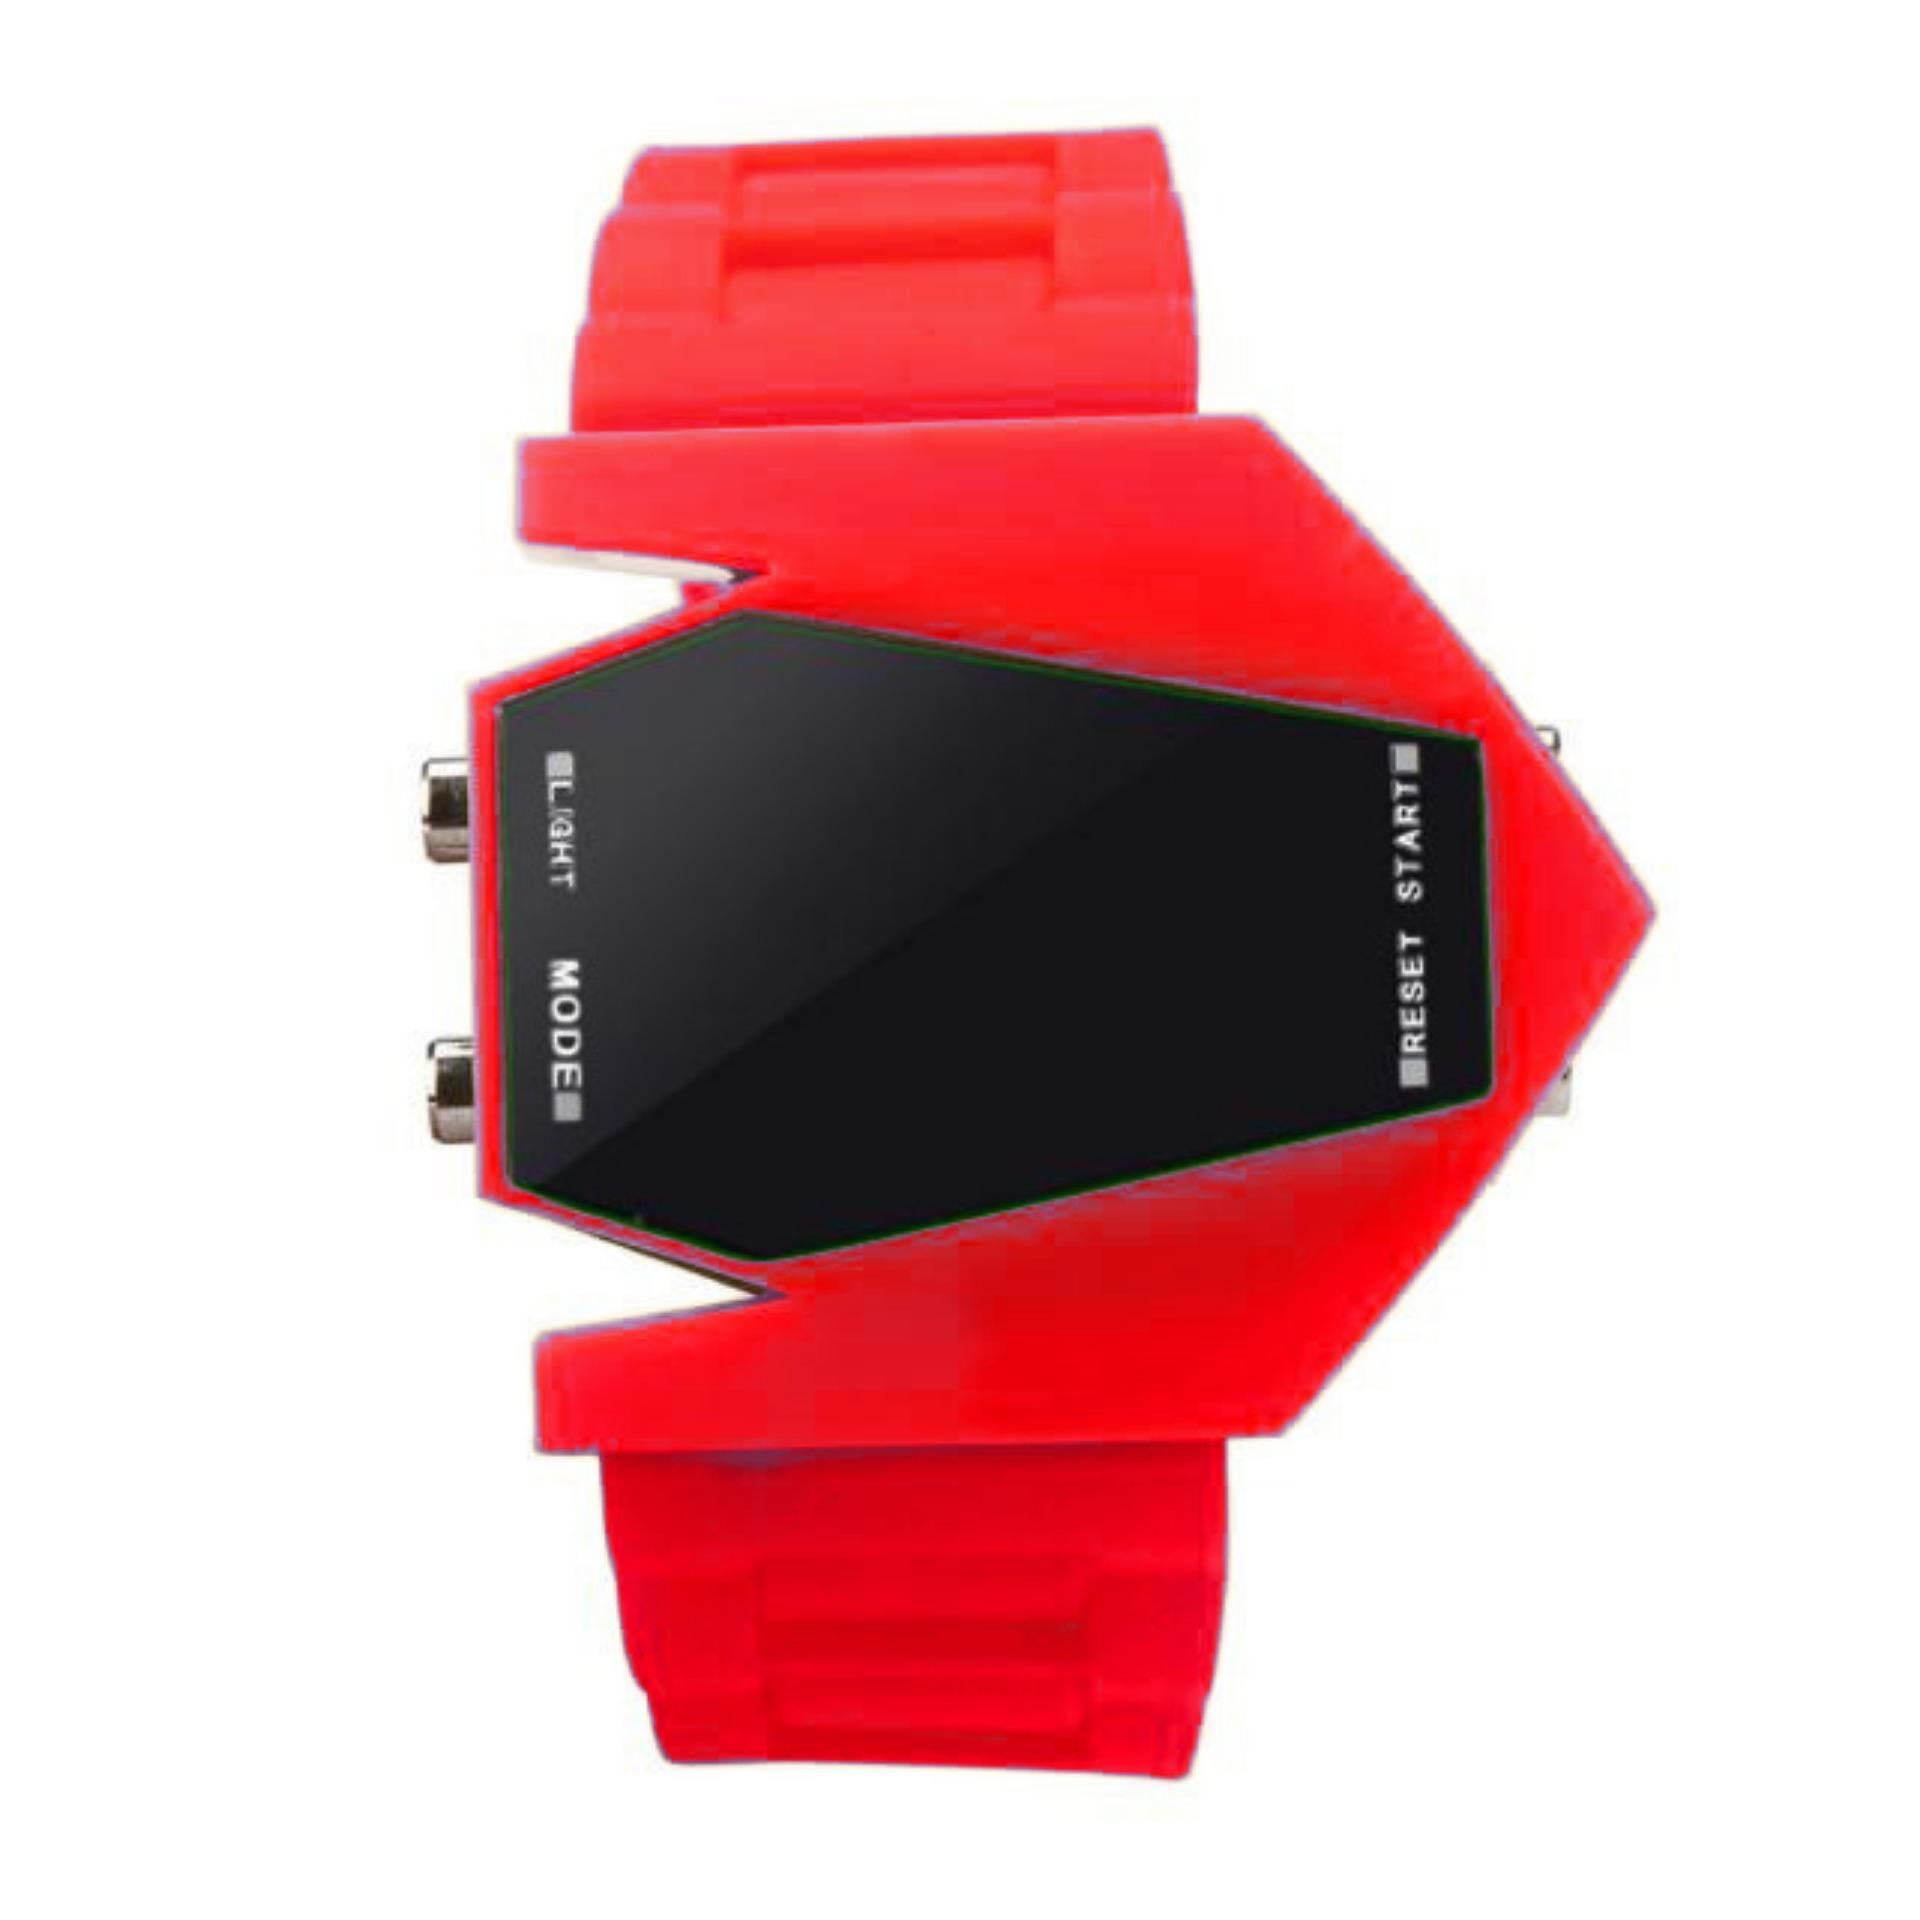 Jam Tangan LED Airplane Pilot - Flashlight Alarm - Jam Tangan Pria dan Wanita Sport -